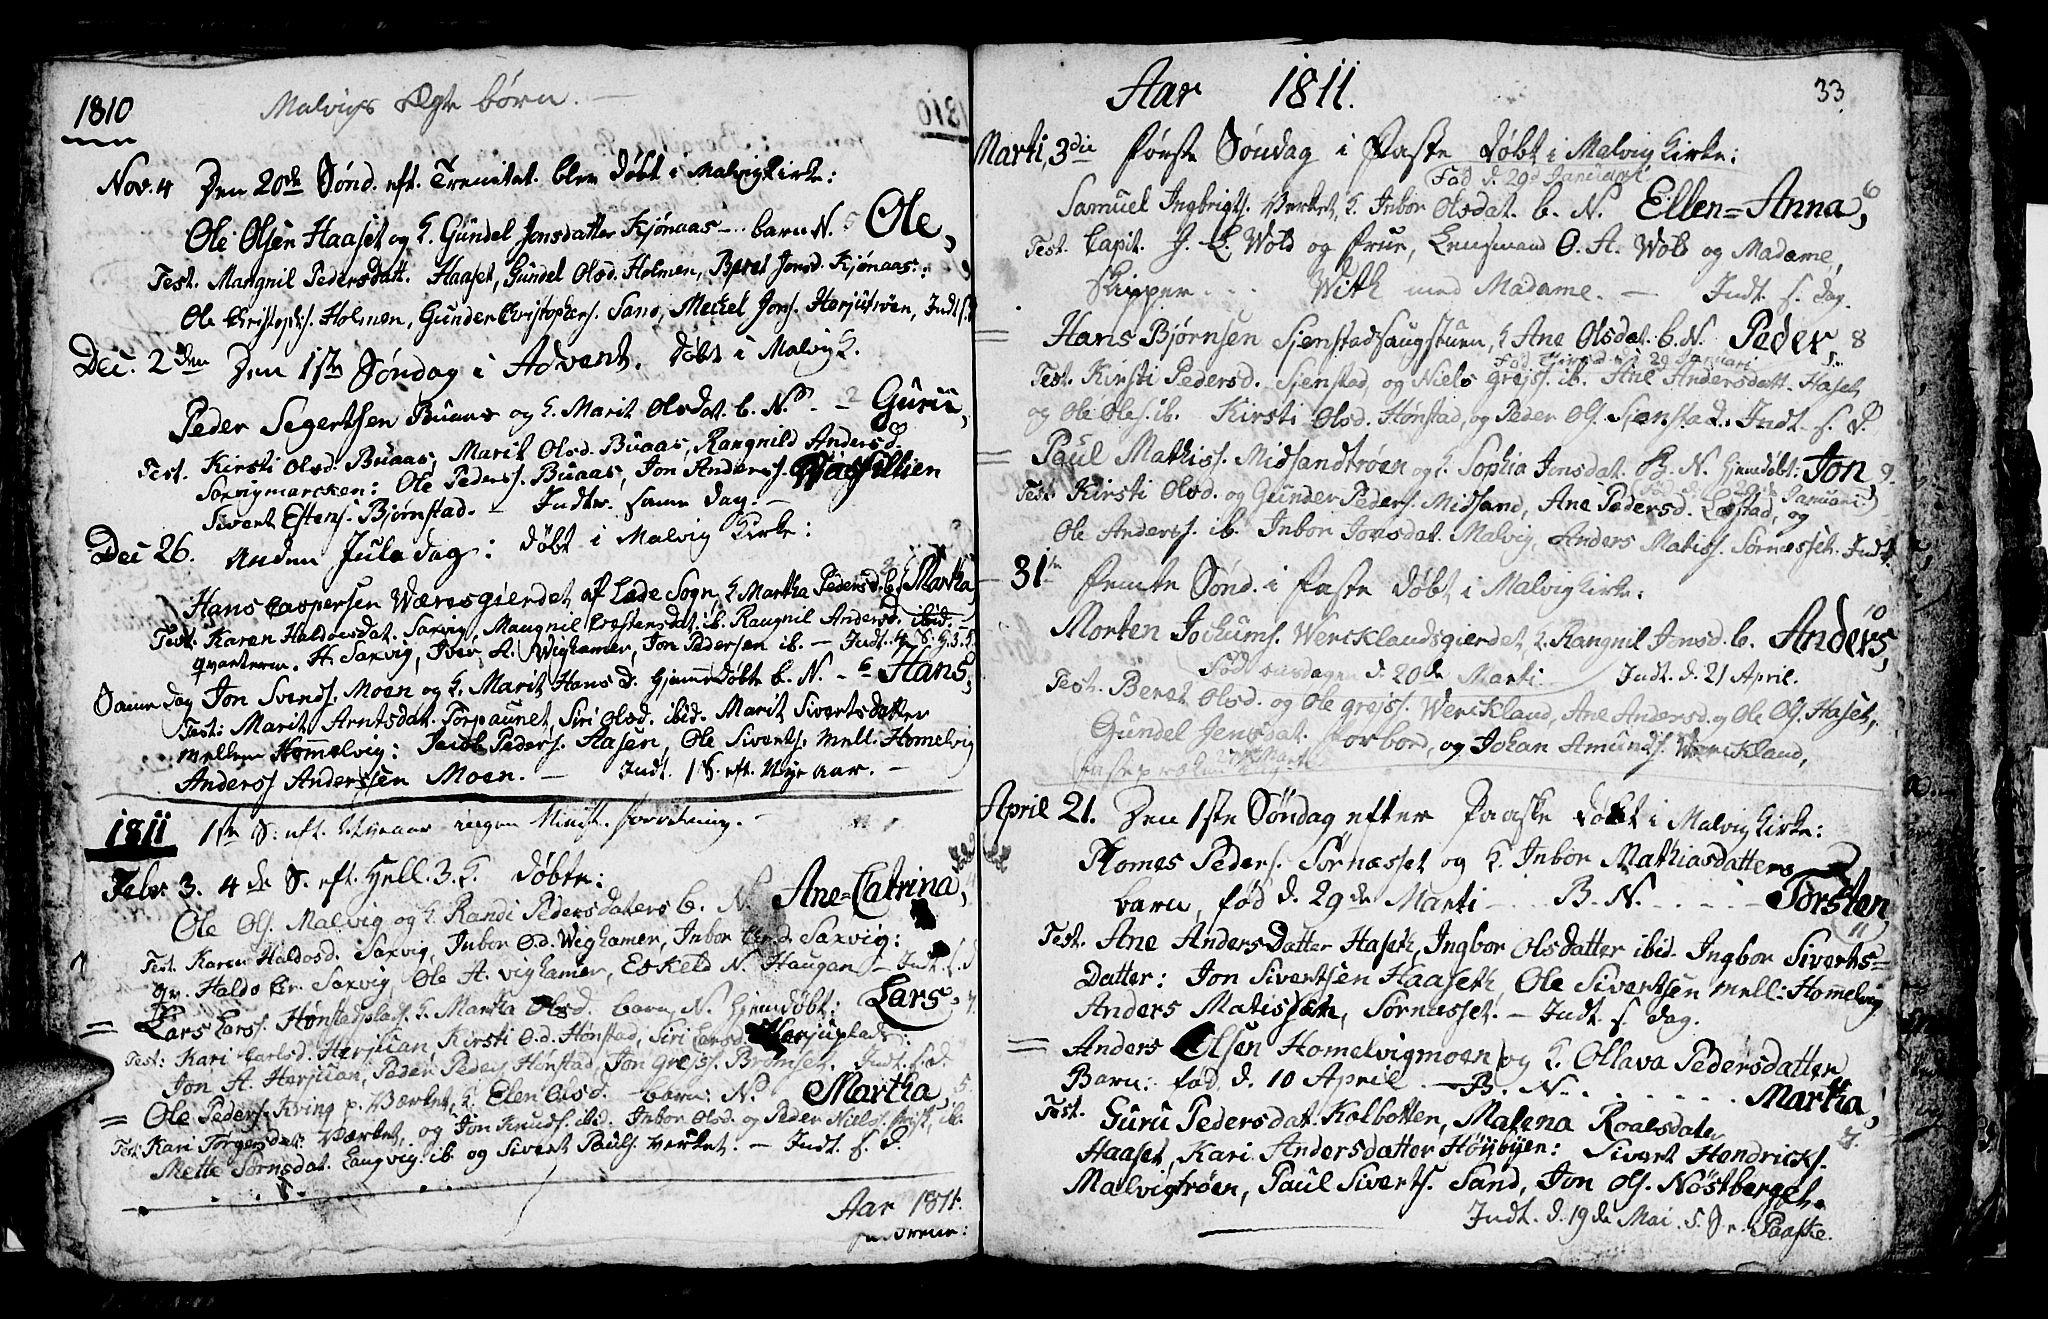 SAT, Ministerialprotokoller, klokkerbøker og fødselsregistre - Sør-Trøndelag, 616/L0419: Klokkerbok nr. 616C02, 1797-1816, s. 33